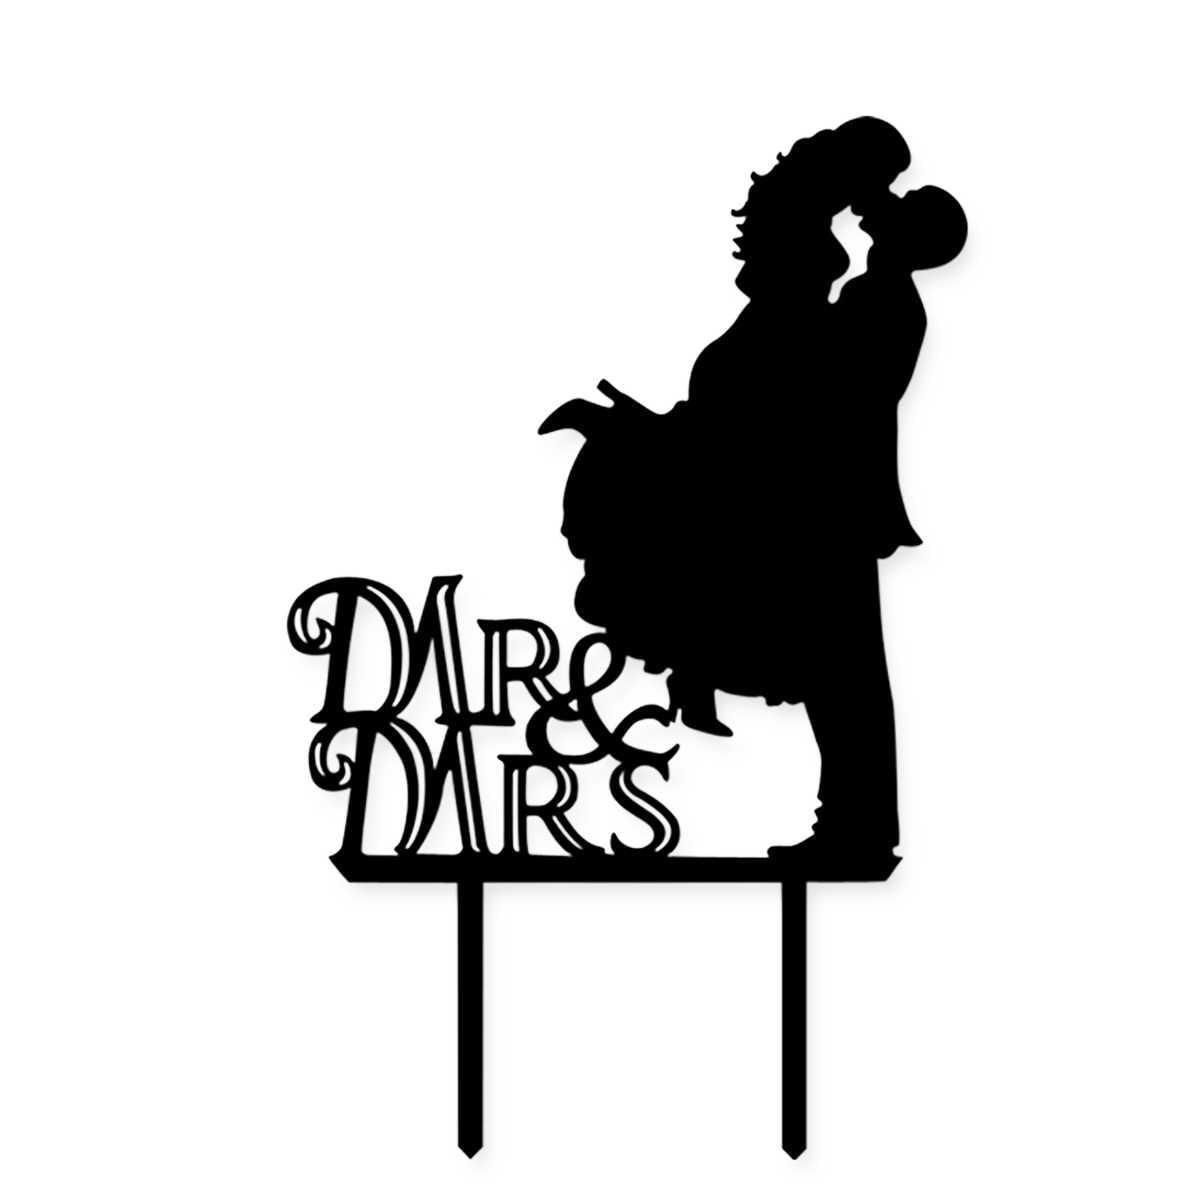 New Black Acrílico Do Bolo de Casamento Topper Para Decoração Mariage Mr Mrs Família chapéus de Coco Do Bolo Do Noivo Da Noiva Nupcial Chuveiro Decoração